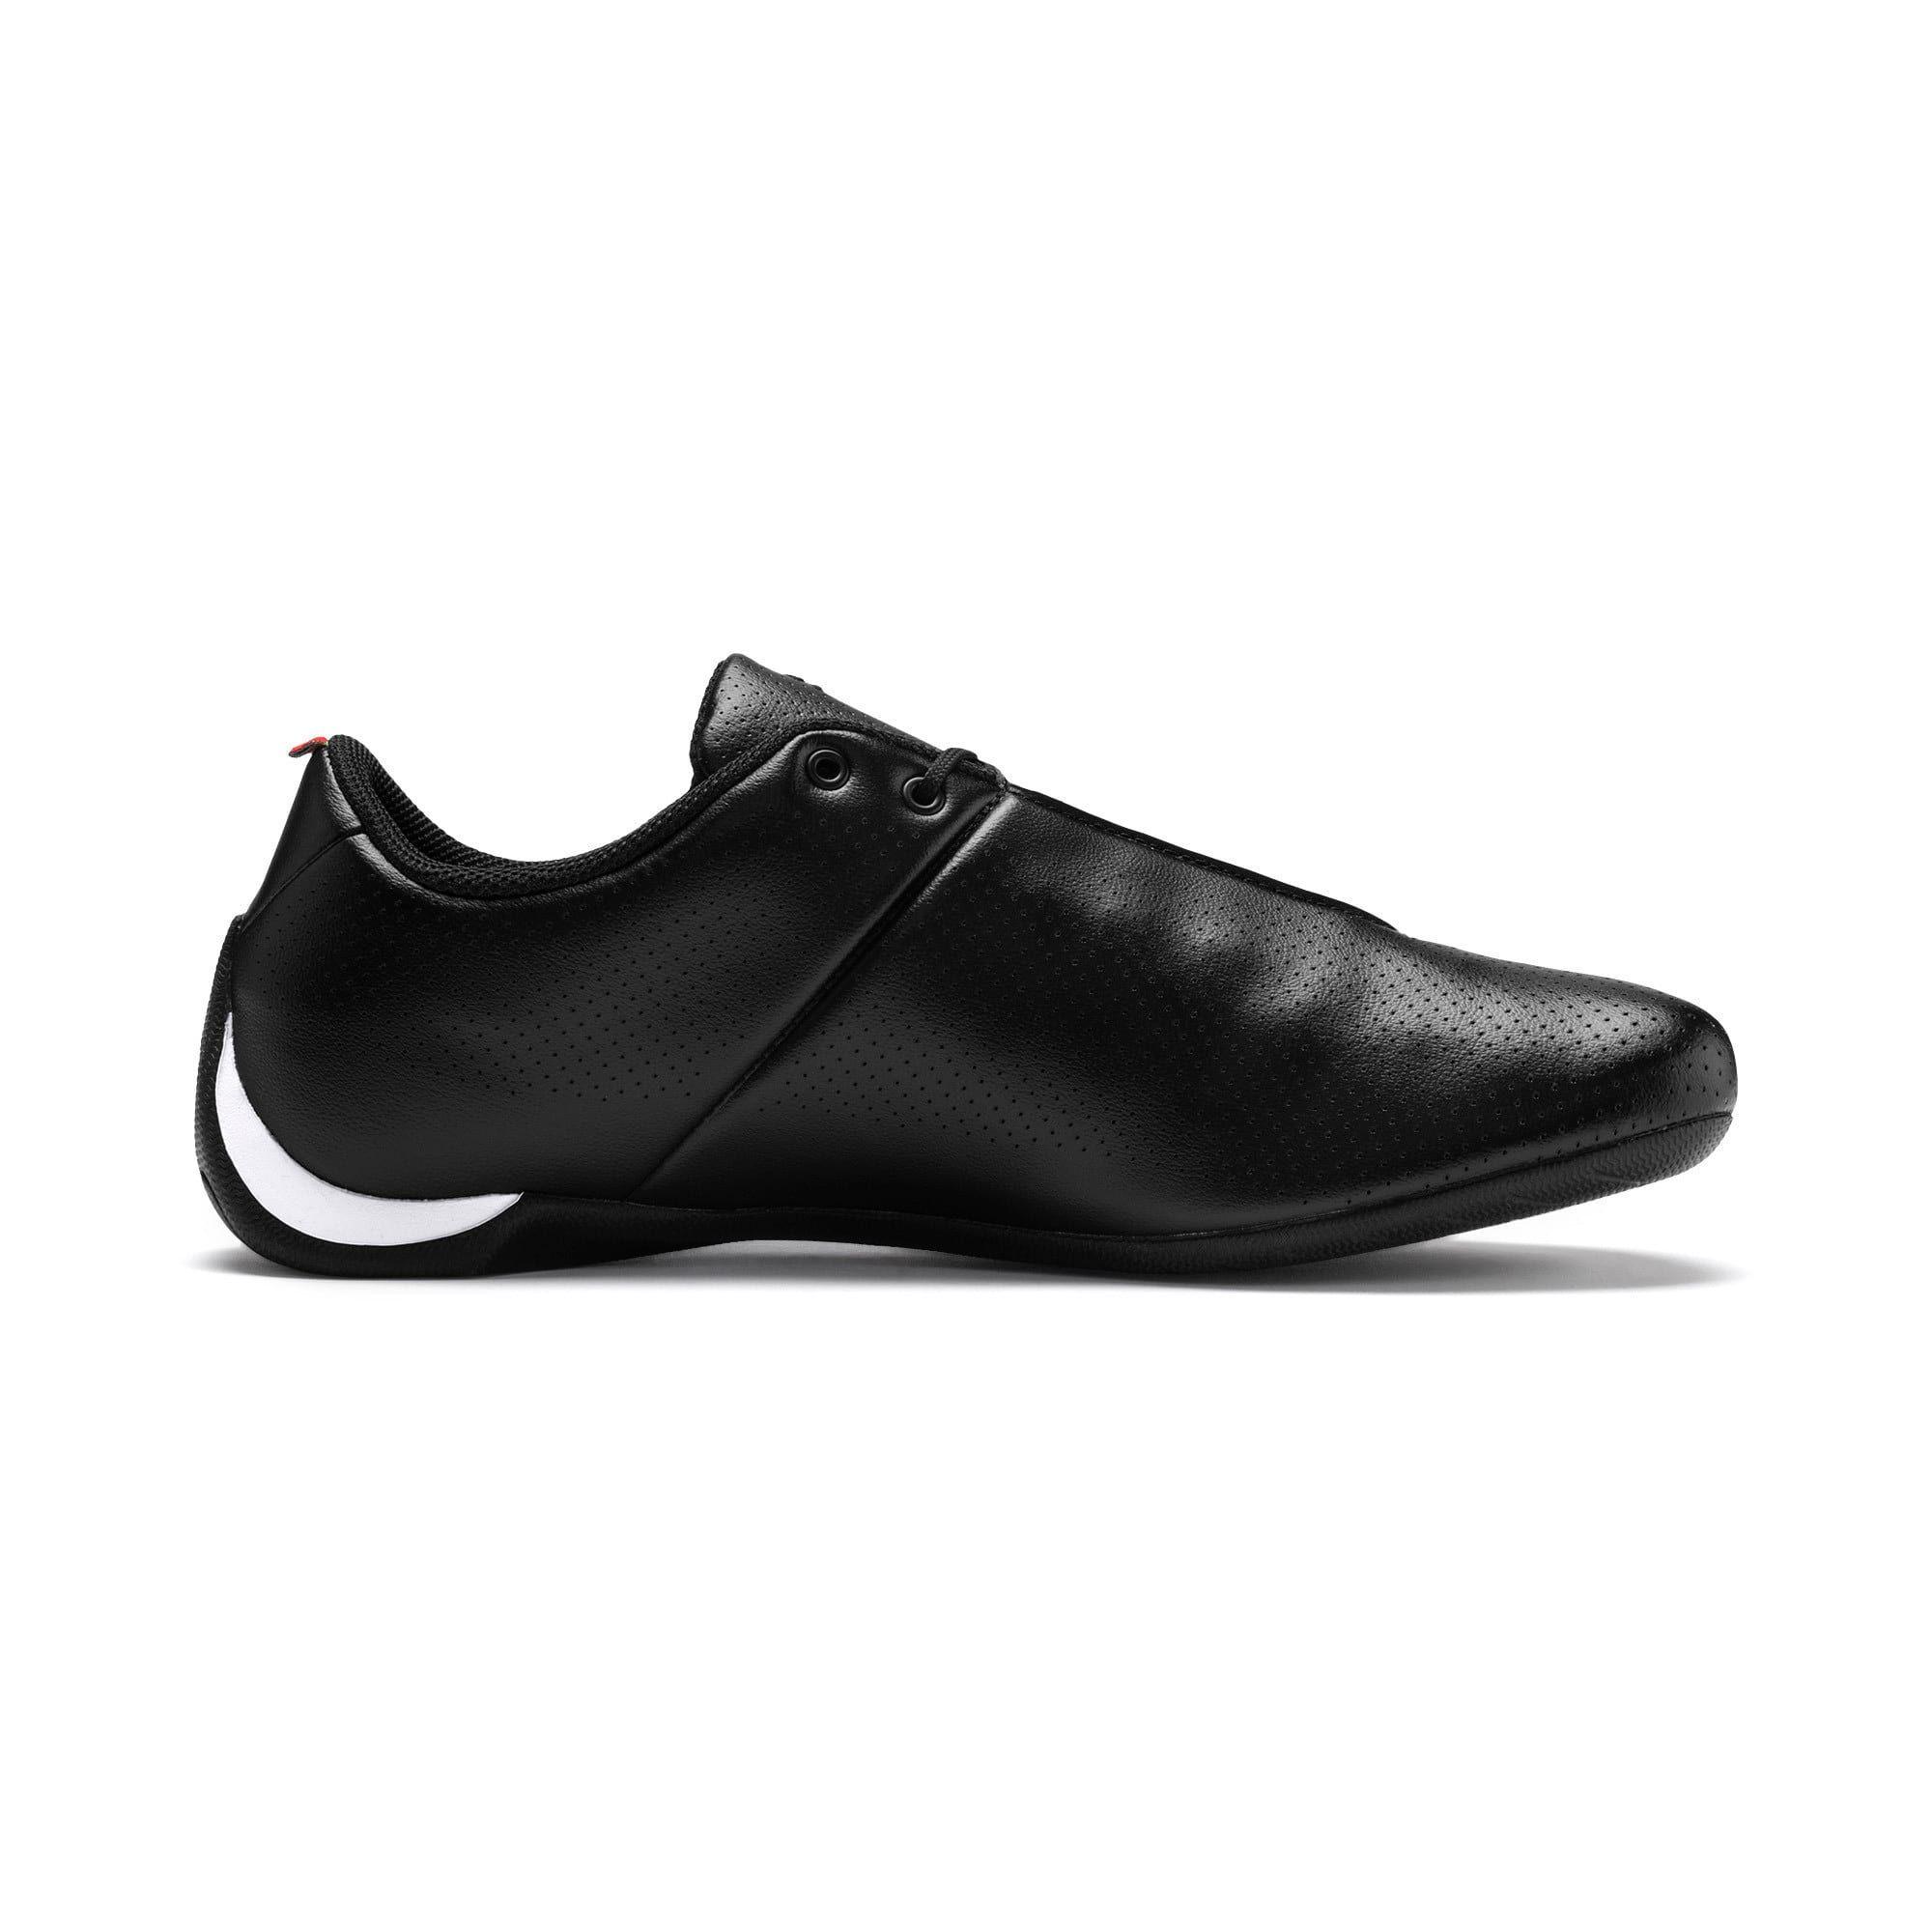 PUMA Ferrari Future Cat Ultra Trainers, Black/White, size 6.5, Shoes